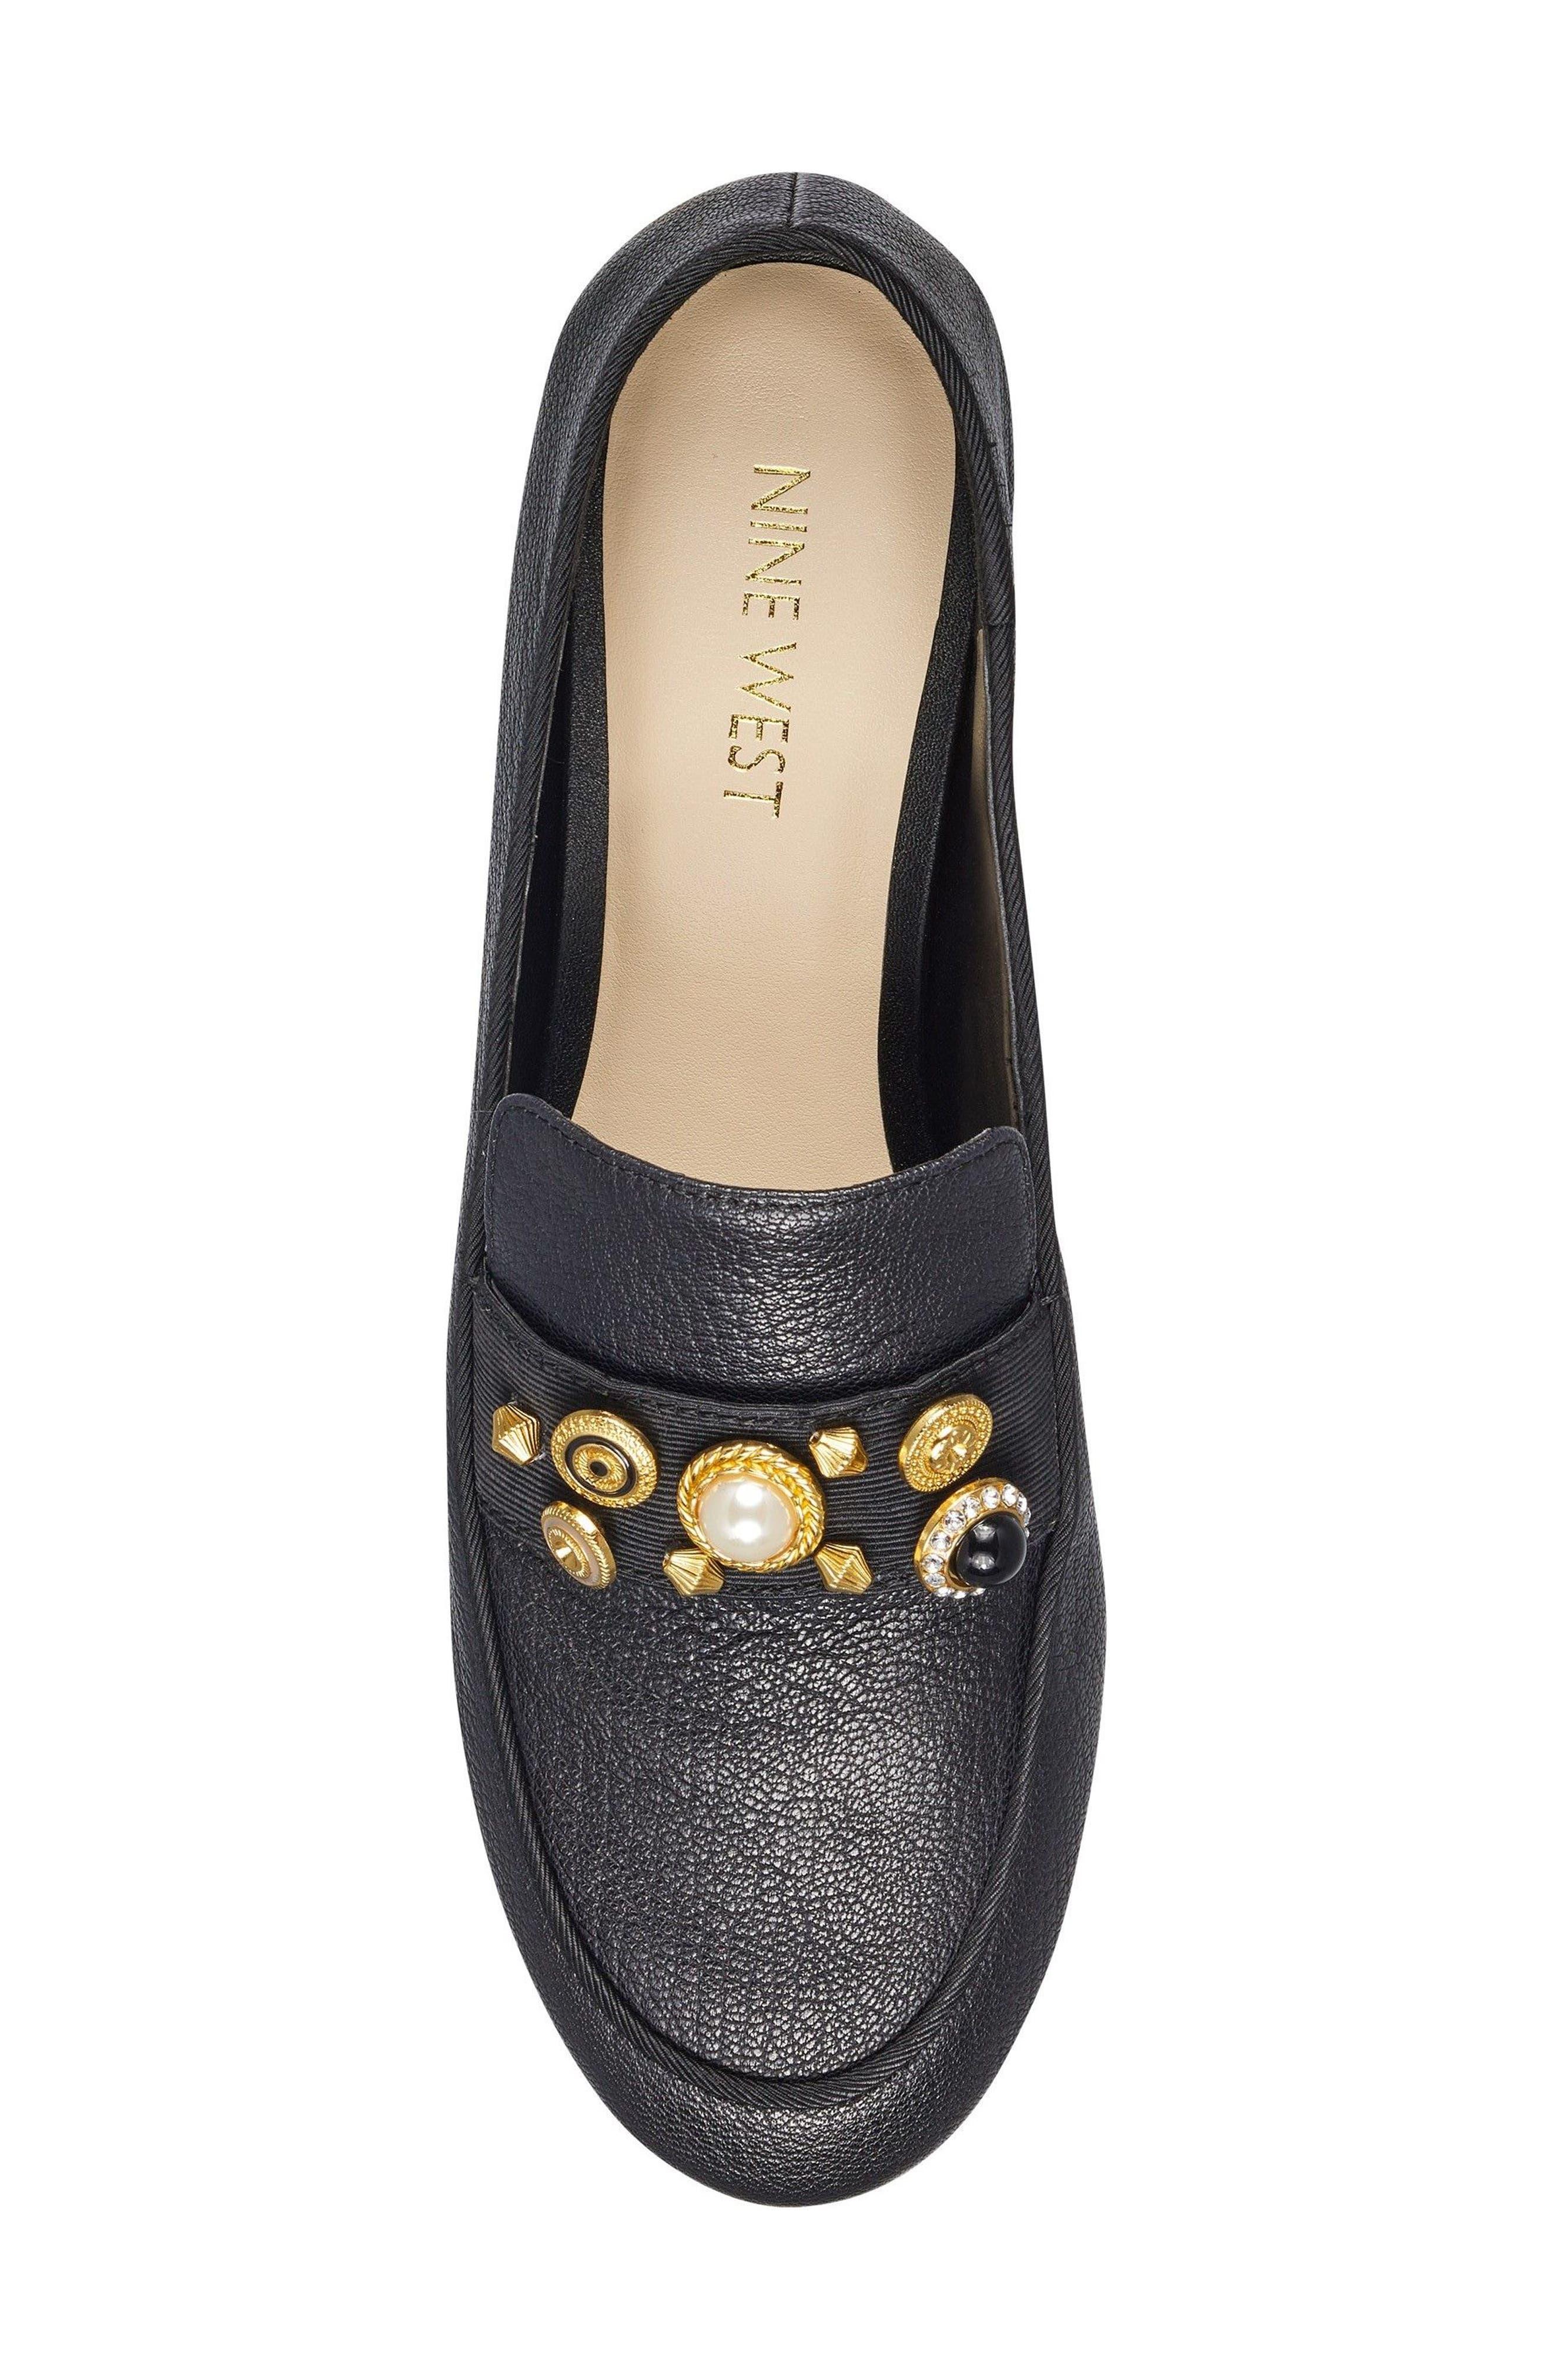 Baus Loafer Flat,                             Alternate thumbnail 5, color,                             Black/ Black Leather